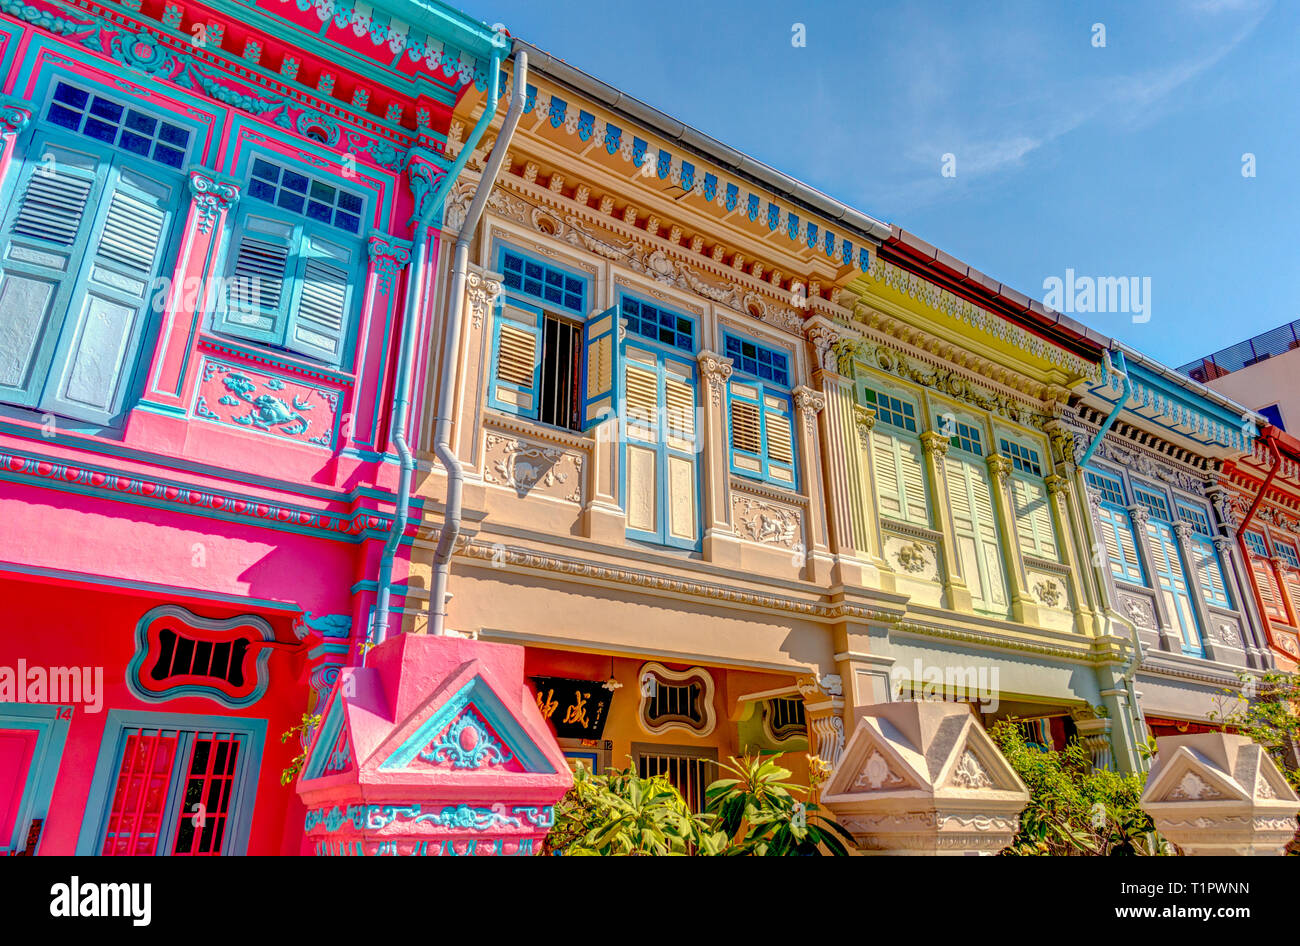 Historical Peranakan houses in Joo Chiat, Singapore - Stock Image